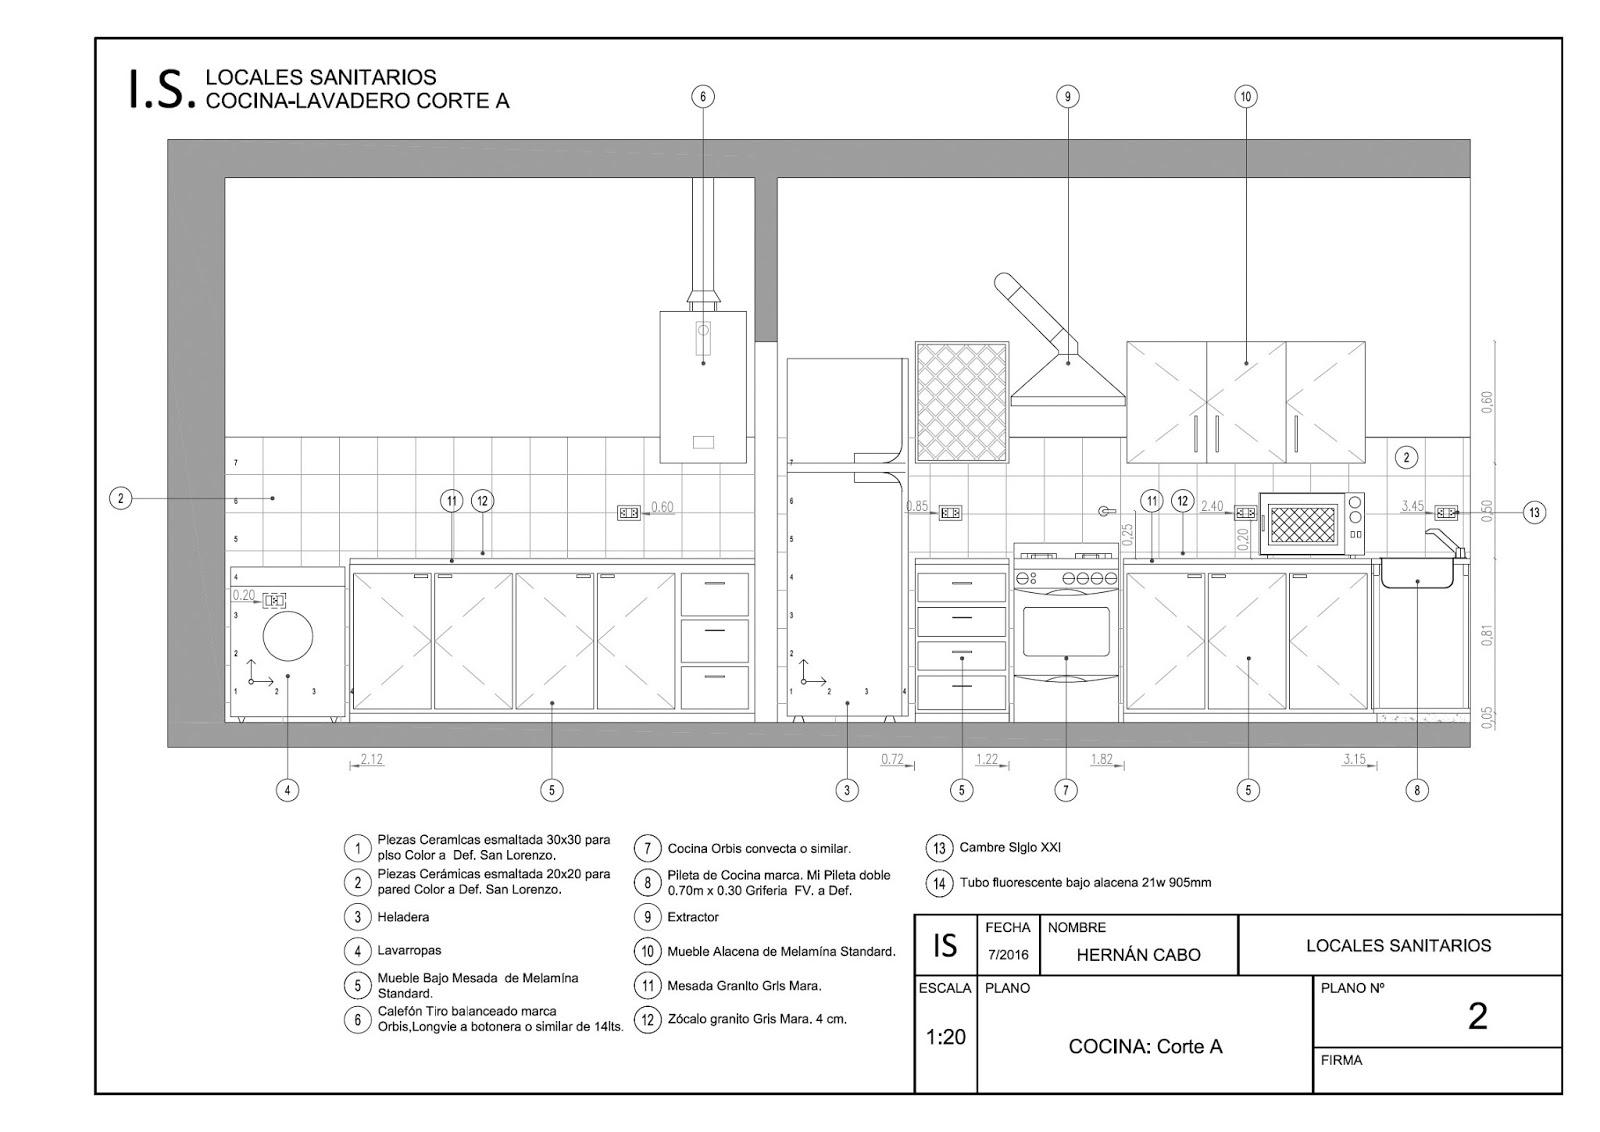 Detalles constructivos cad locales sanitarios cocina for Cocina plano arquitectonico